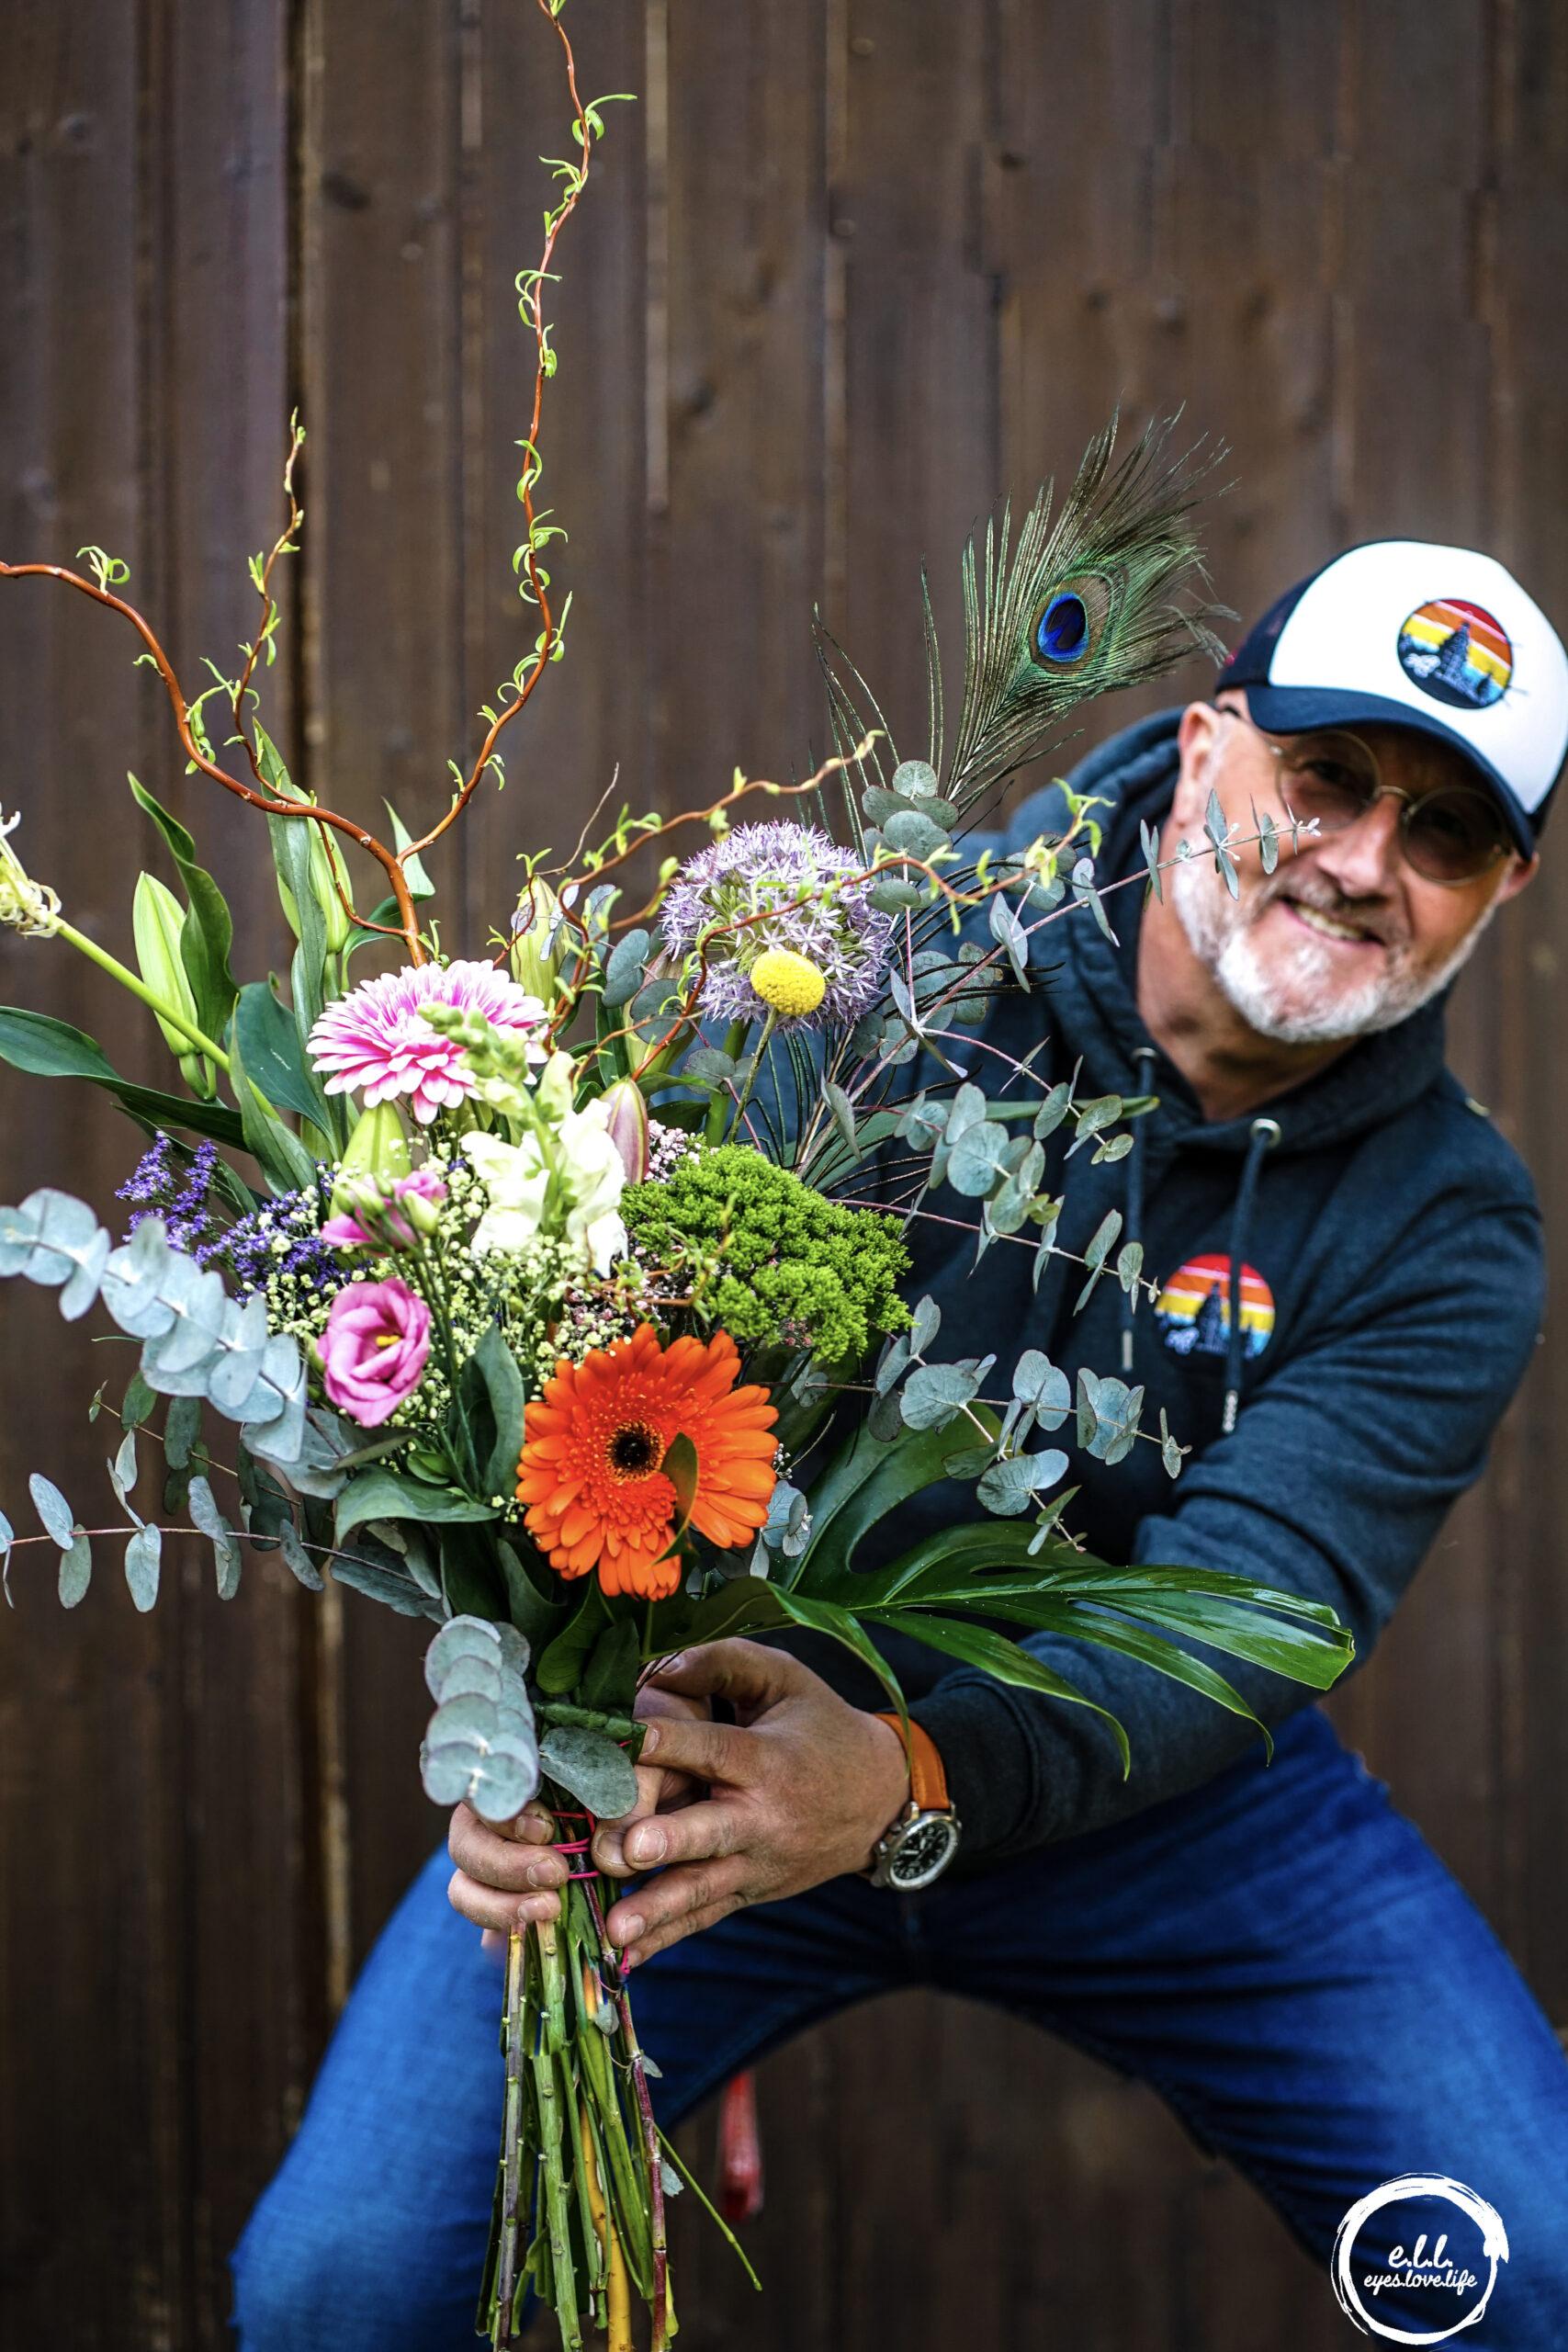 Holland Blumen Aschaffenburg Dein Blumenhandler Im Herzen Der Stadt